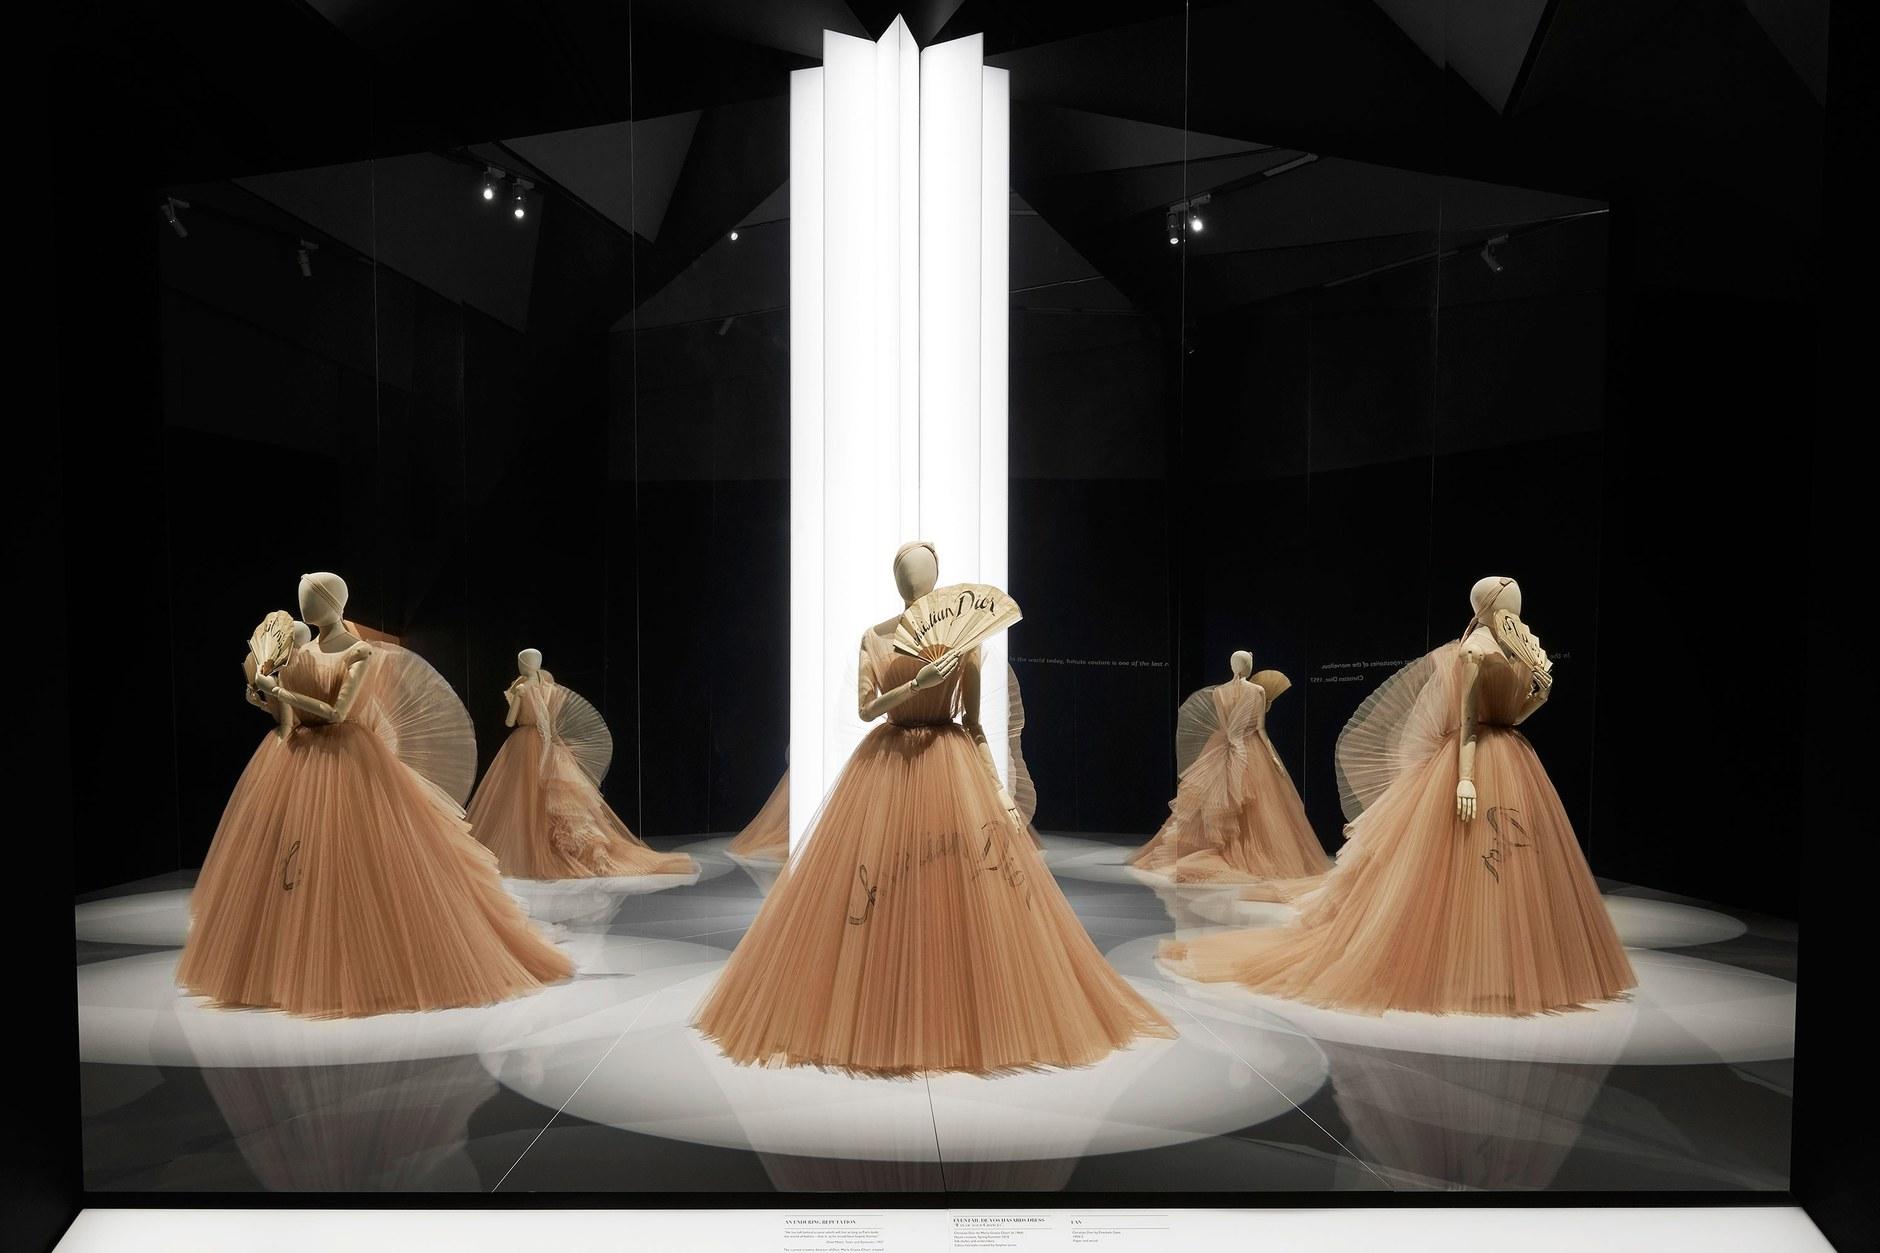 47e80a3d4d0083 Выставка «Кристиан Диор: дизайнер мечты» в Лондоне | ELLE Decoration